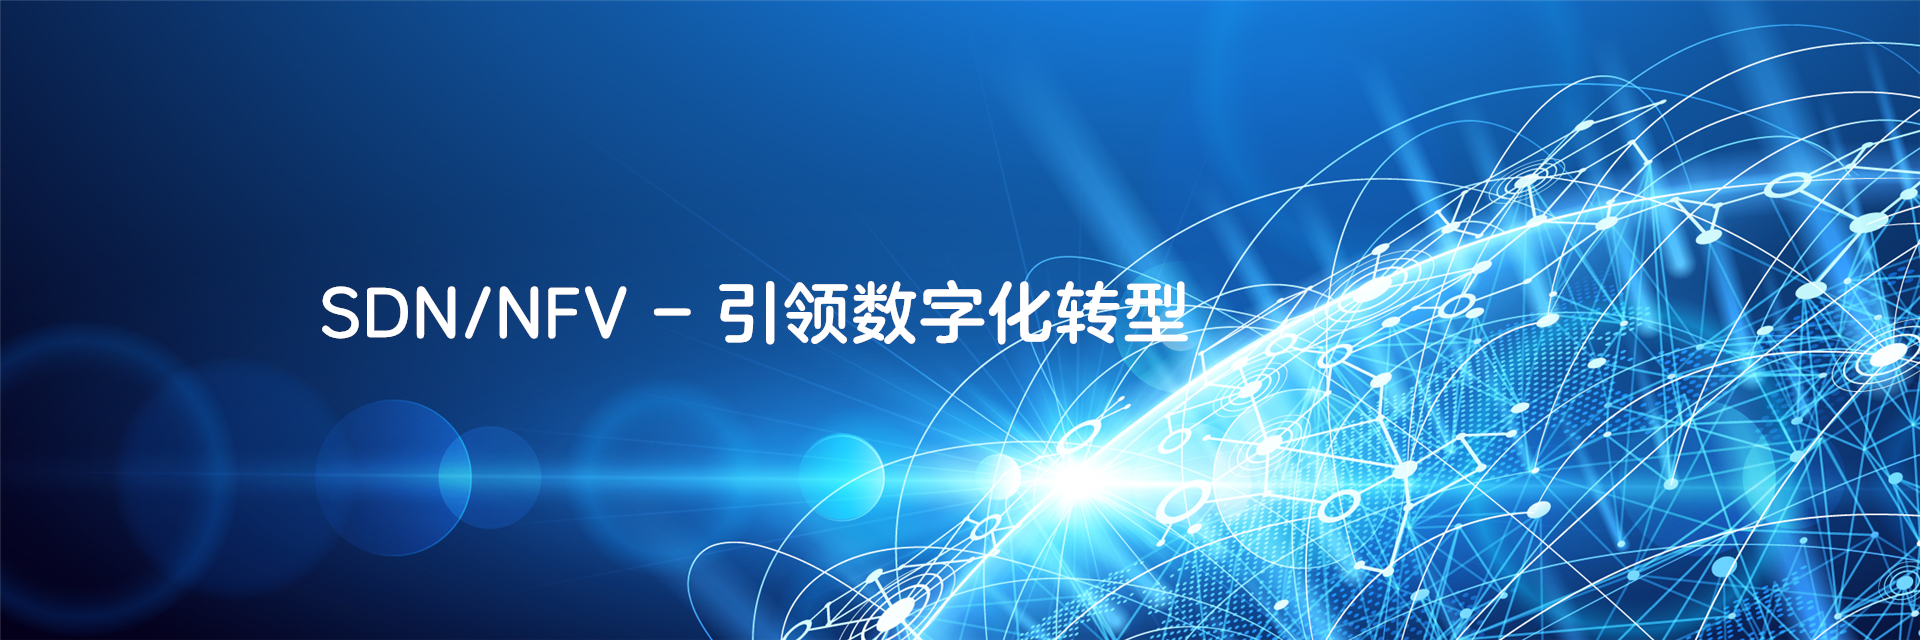 SDN/NFV – 引领数字化转型